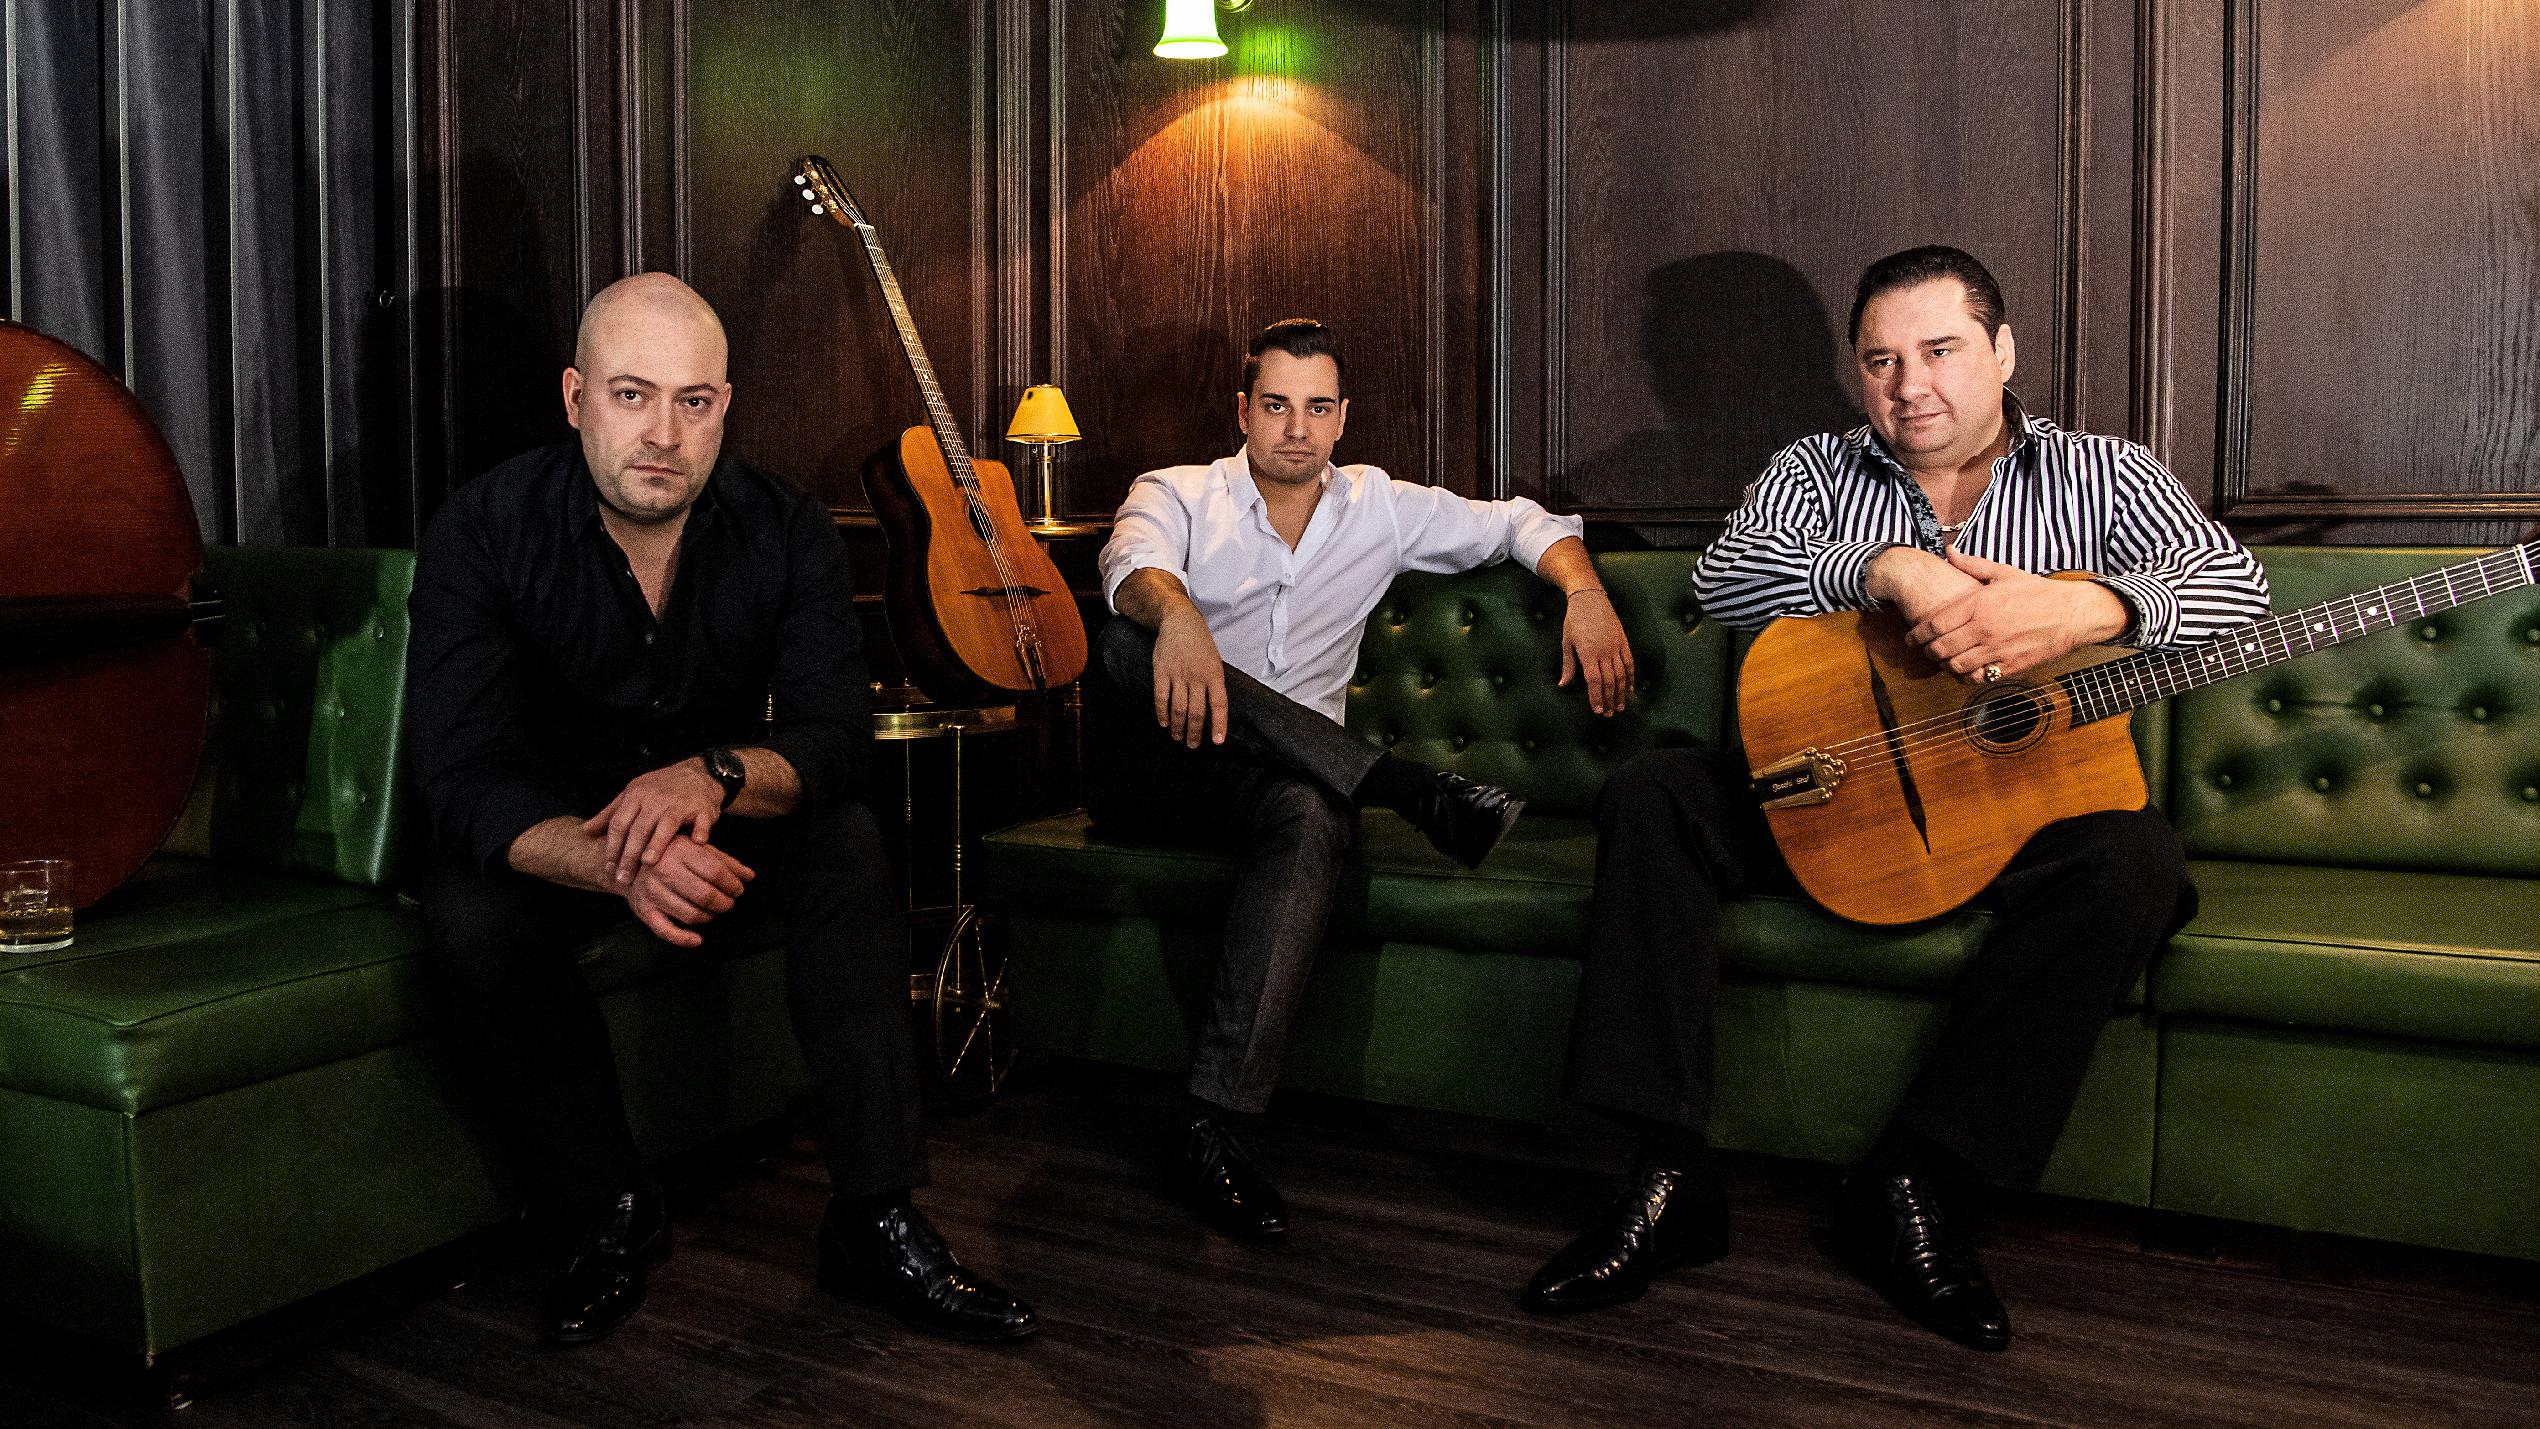 Gismo Graf Trio auf der Couch